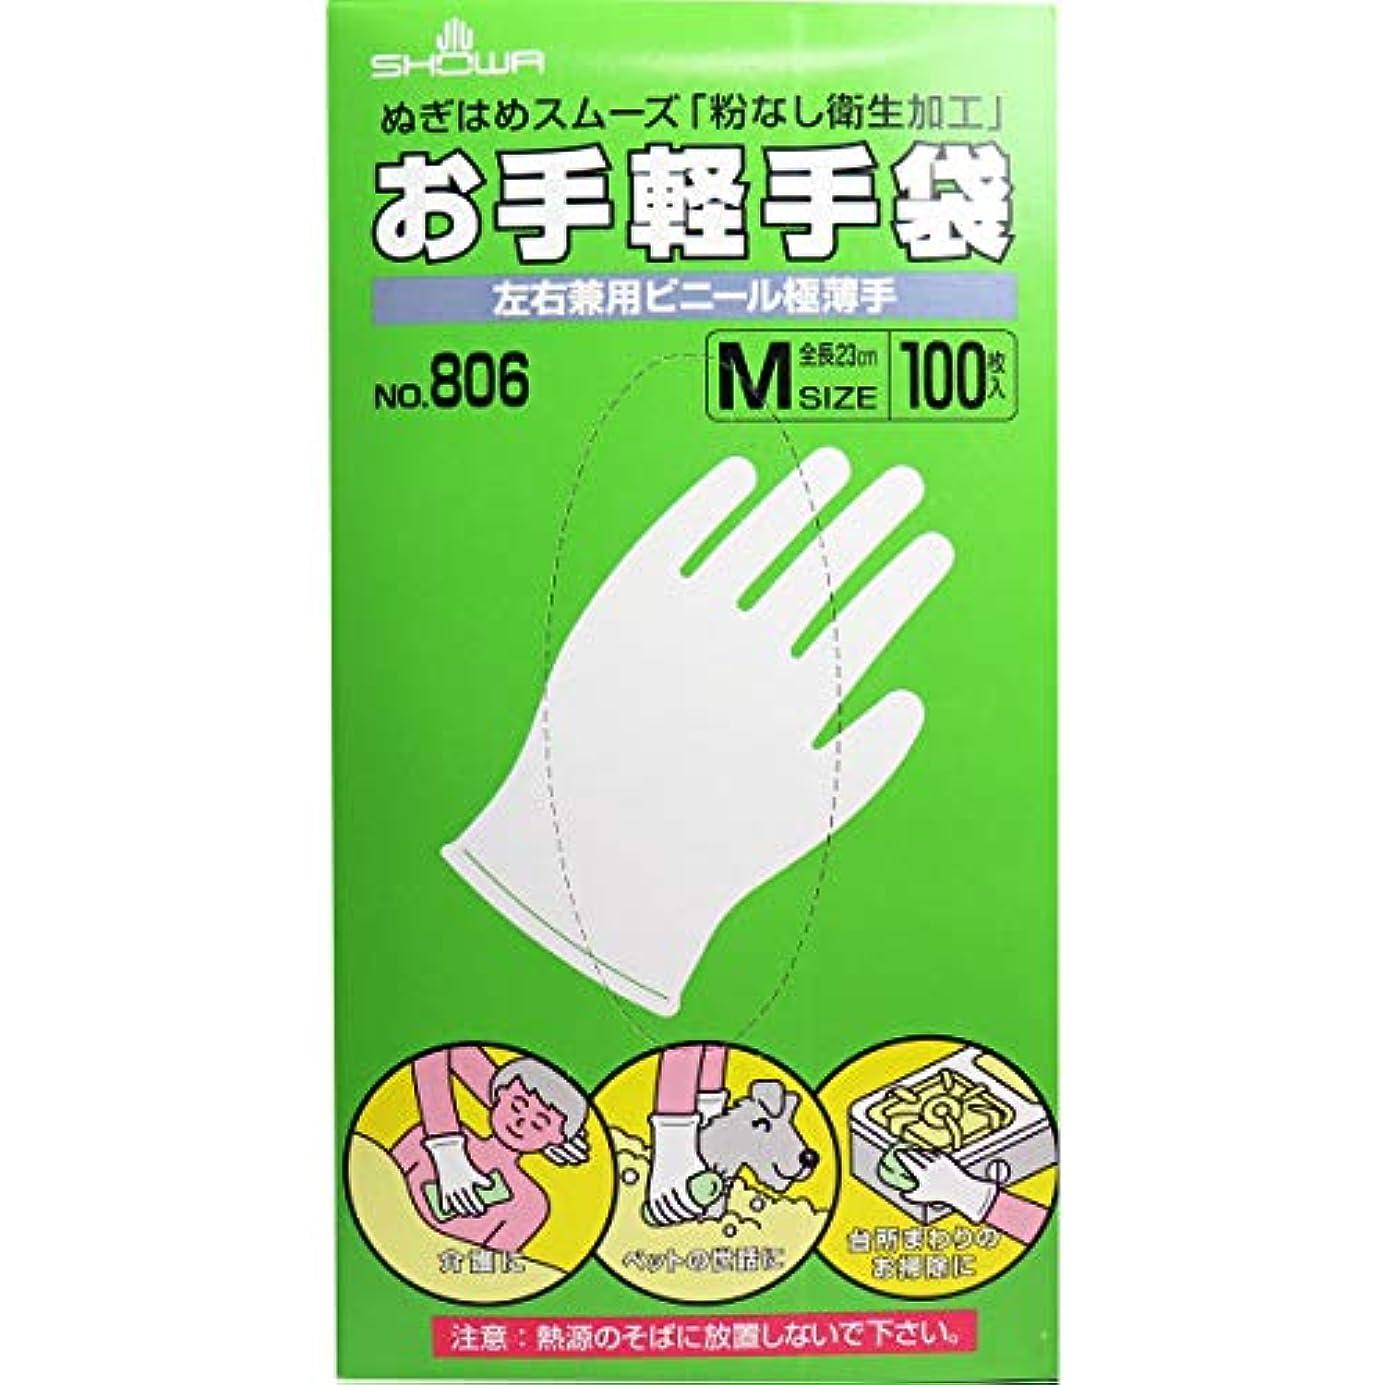 牧草地マラドロイトクスクスお手軽手袋 No.806 左右兼用ビニール極薄手 粉なし Mサイズ 100枚入×5個セット(管理番号 4901792033596)